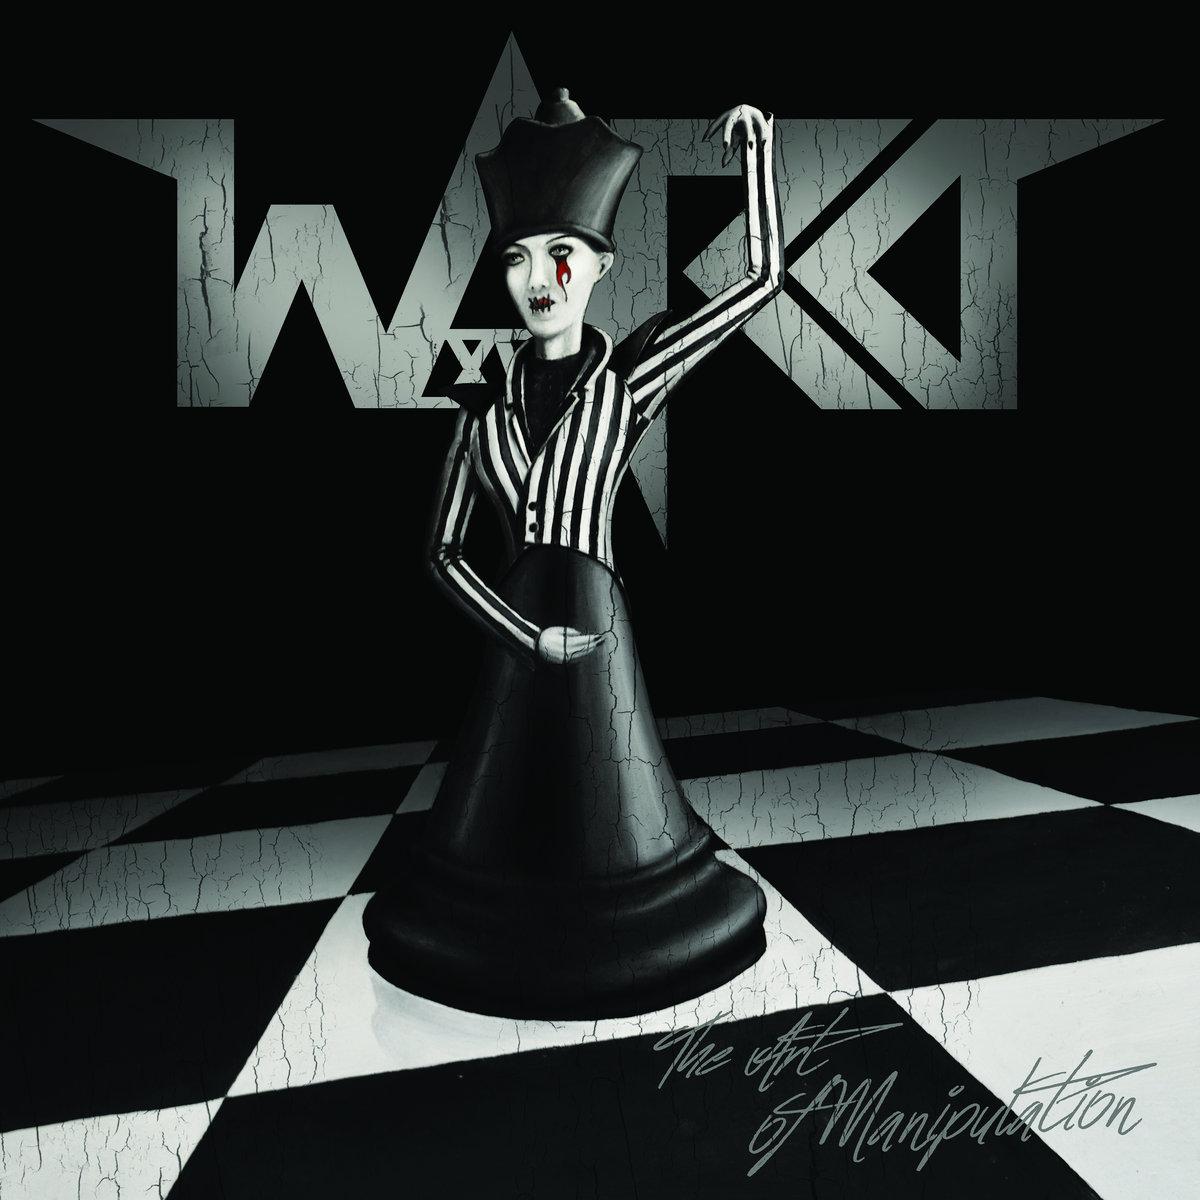 The Art of Manipulation_Album Cover